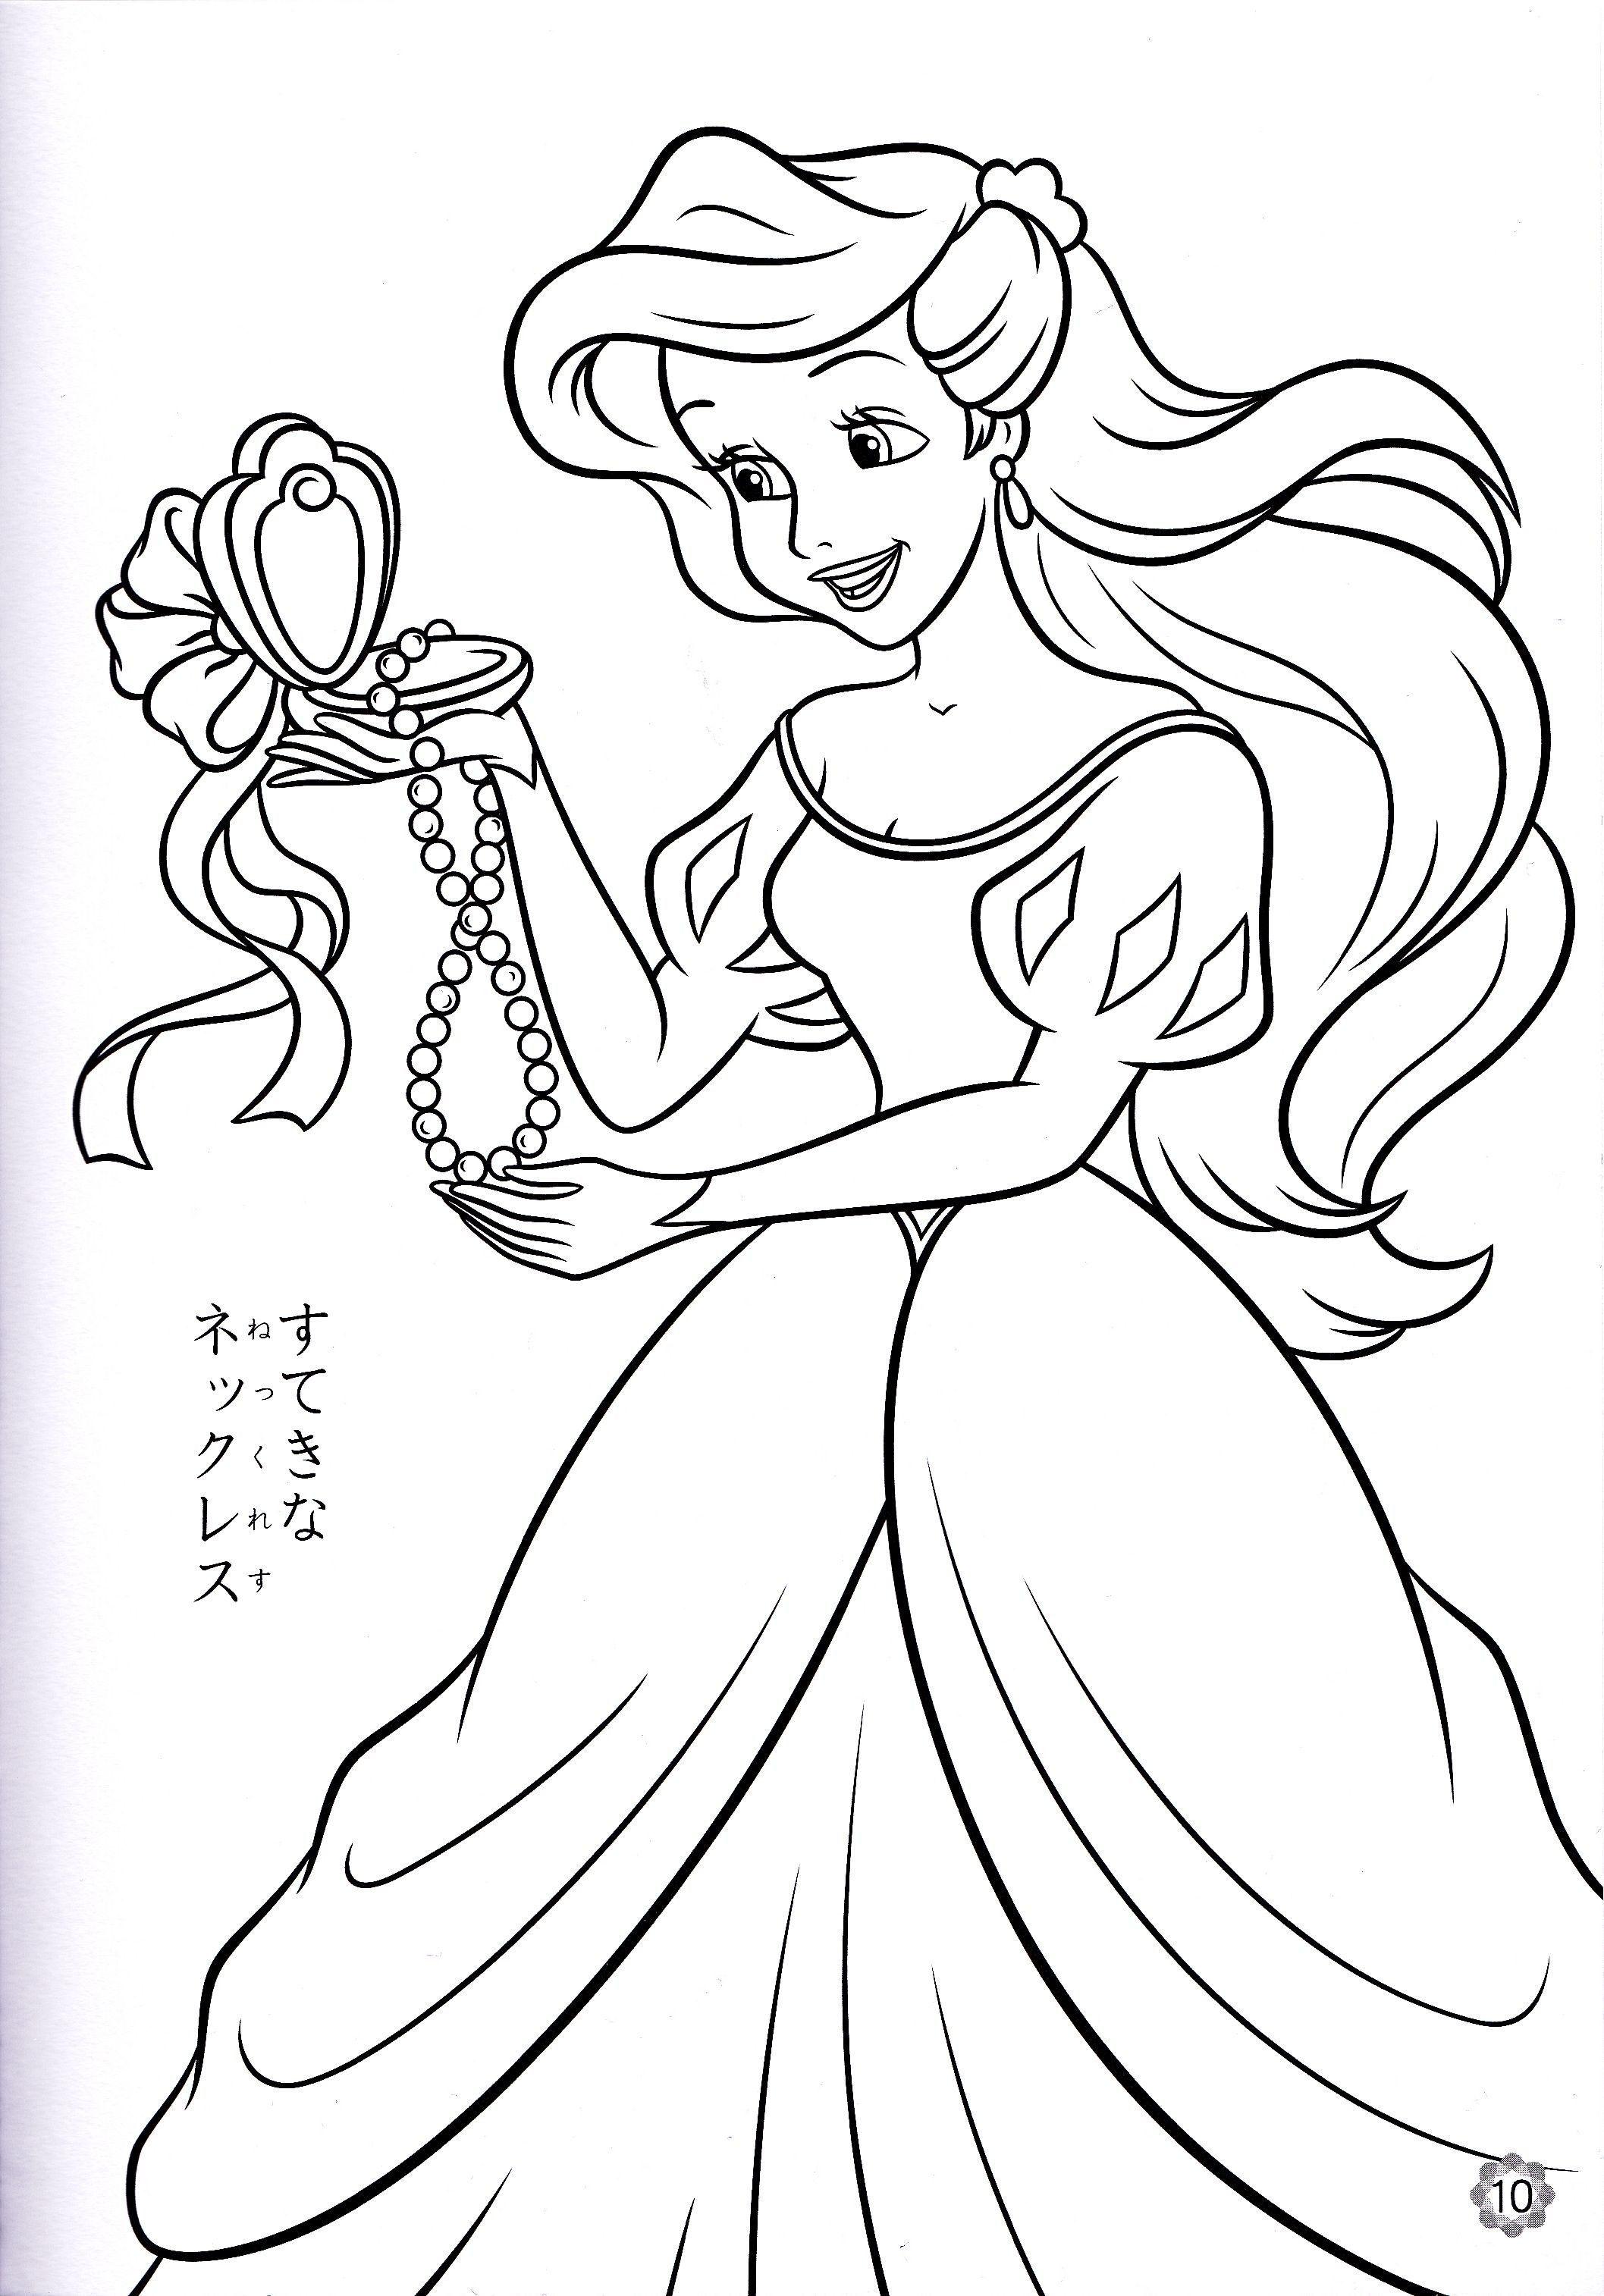 New Arielle Die Meerjungfrau Disney Malvorlage Farbung Malvorlagen Malvorlagenfurkinder Malvorlage Di Disney Malvorlagen Disney Farben Weihnachtsmalvorlagen